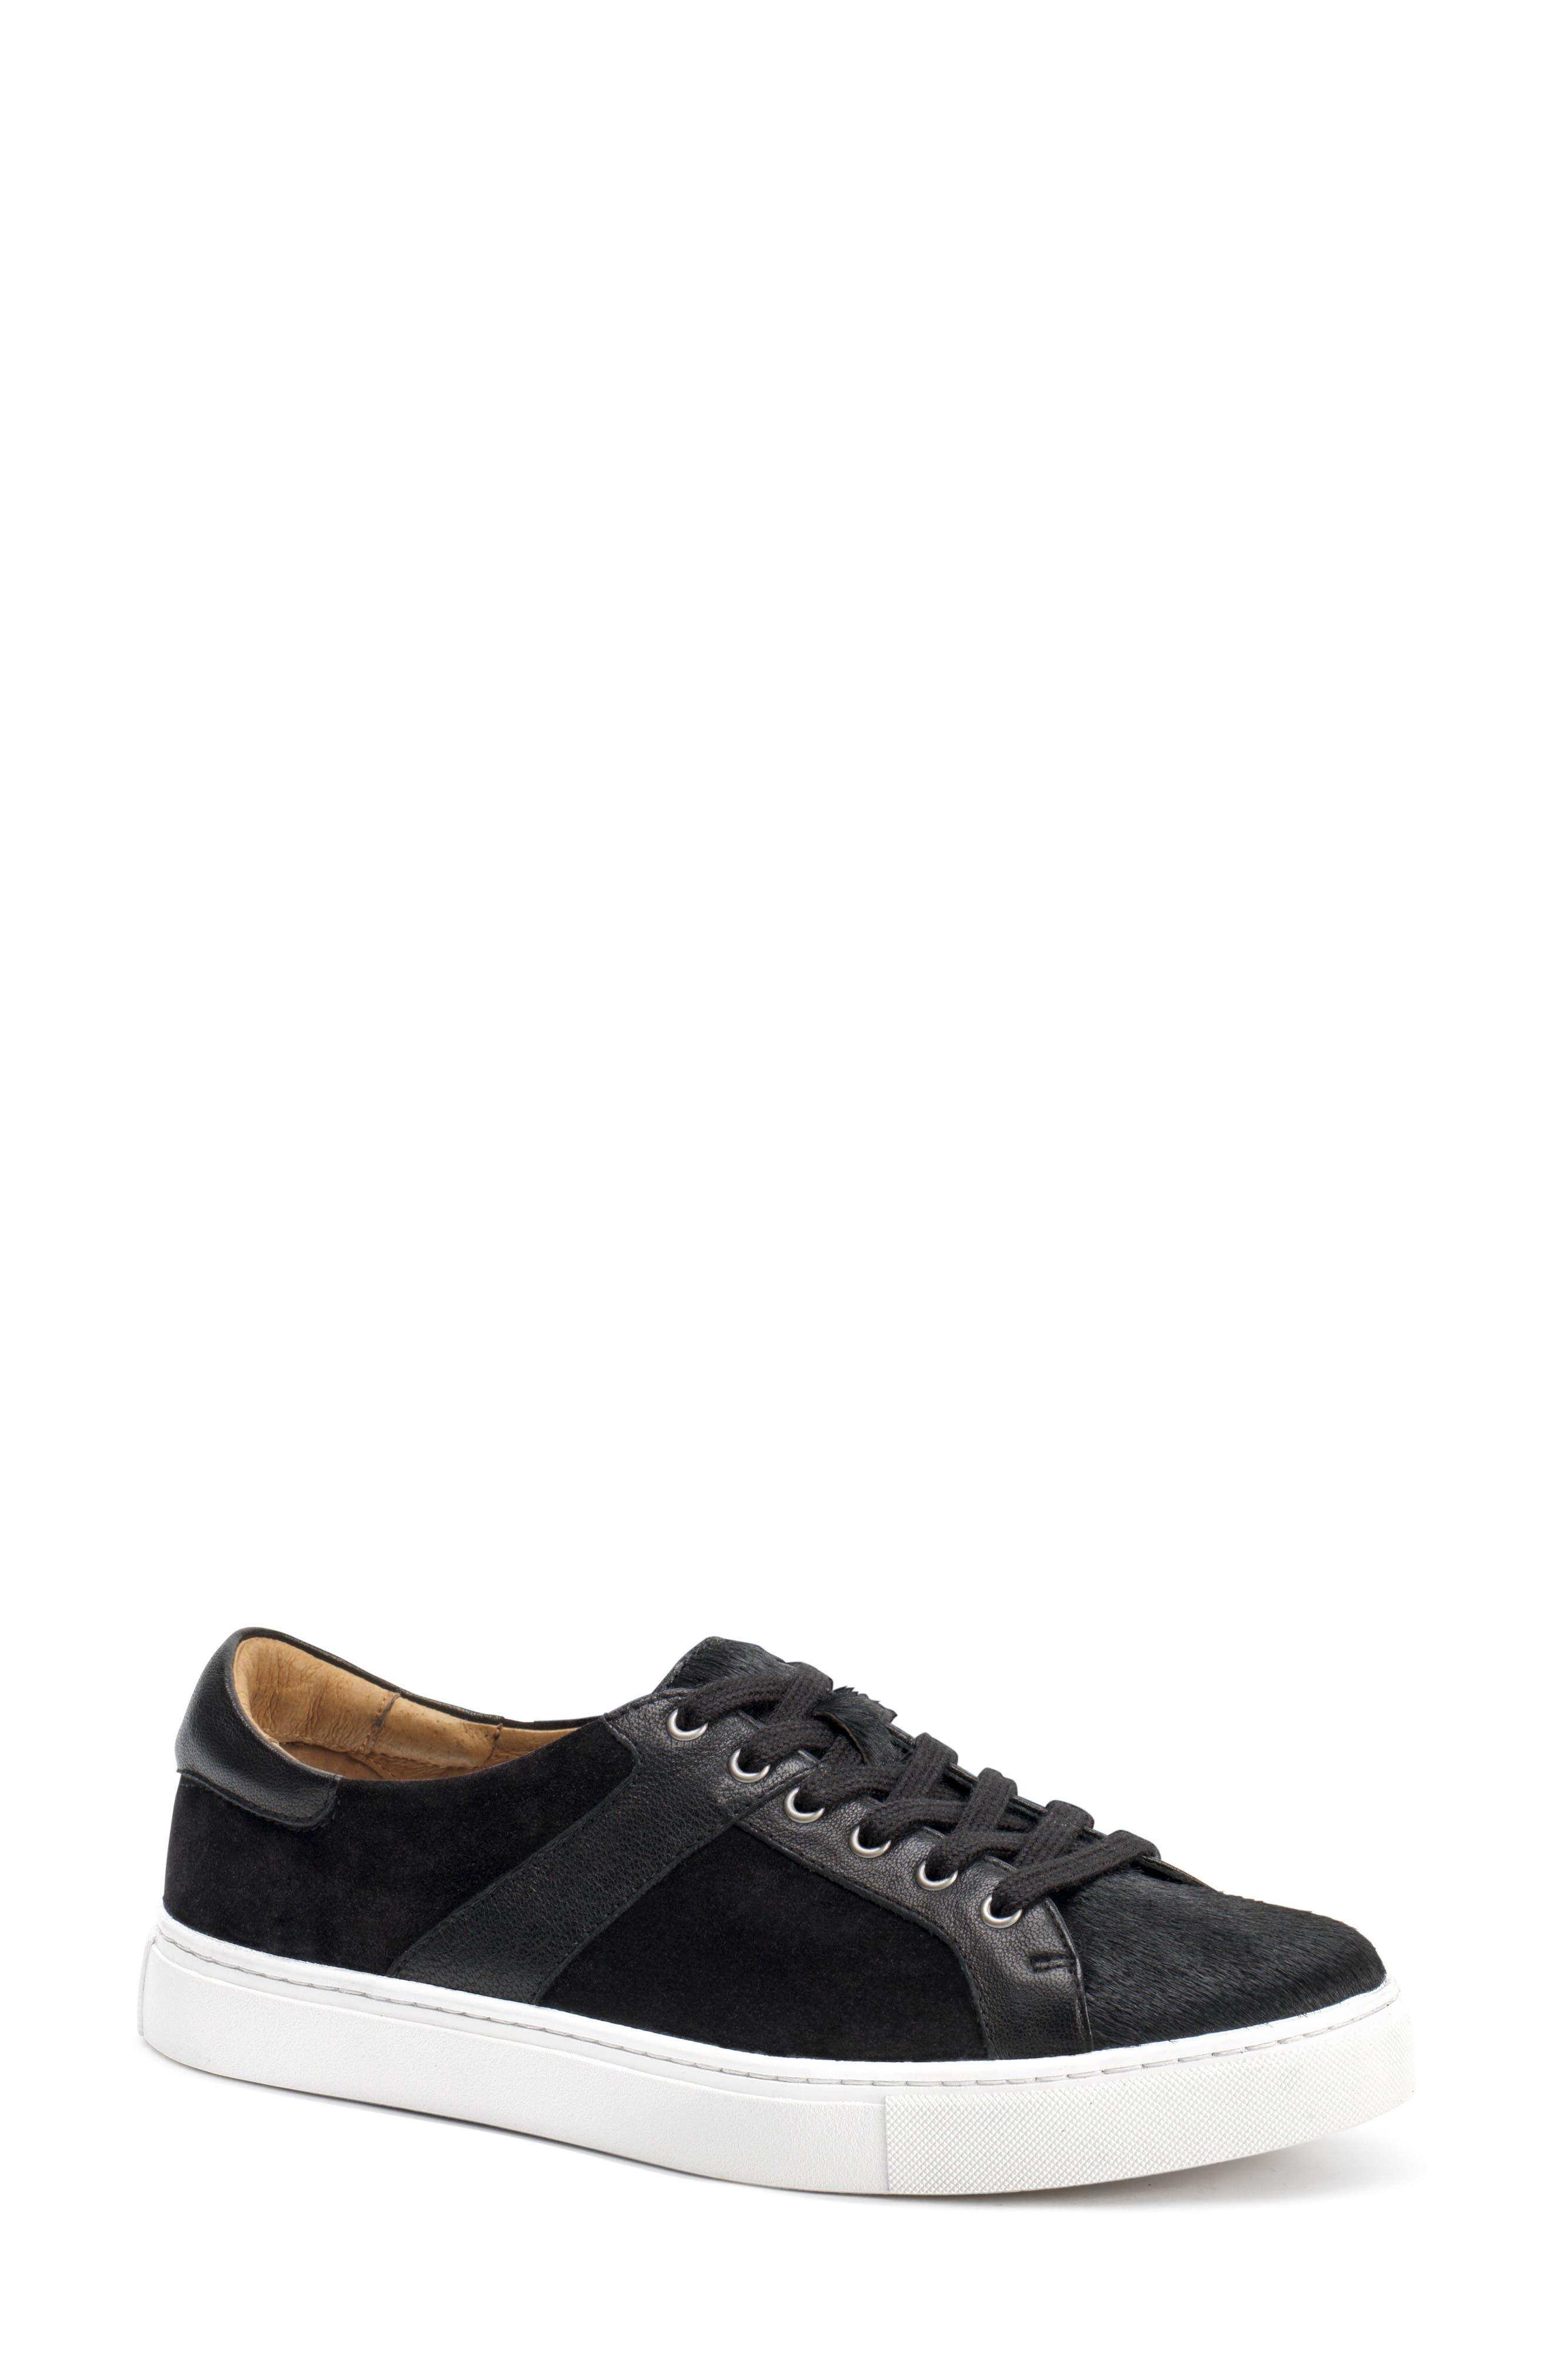 Lindsey Genuine Calf Hair Sneaker,                         Main,                         color, Black Calfhair